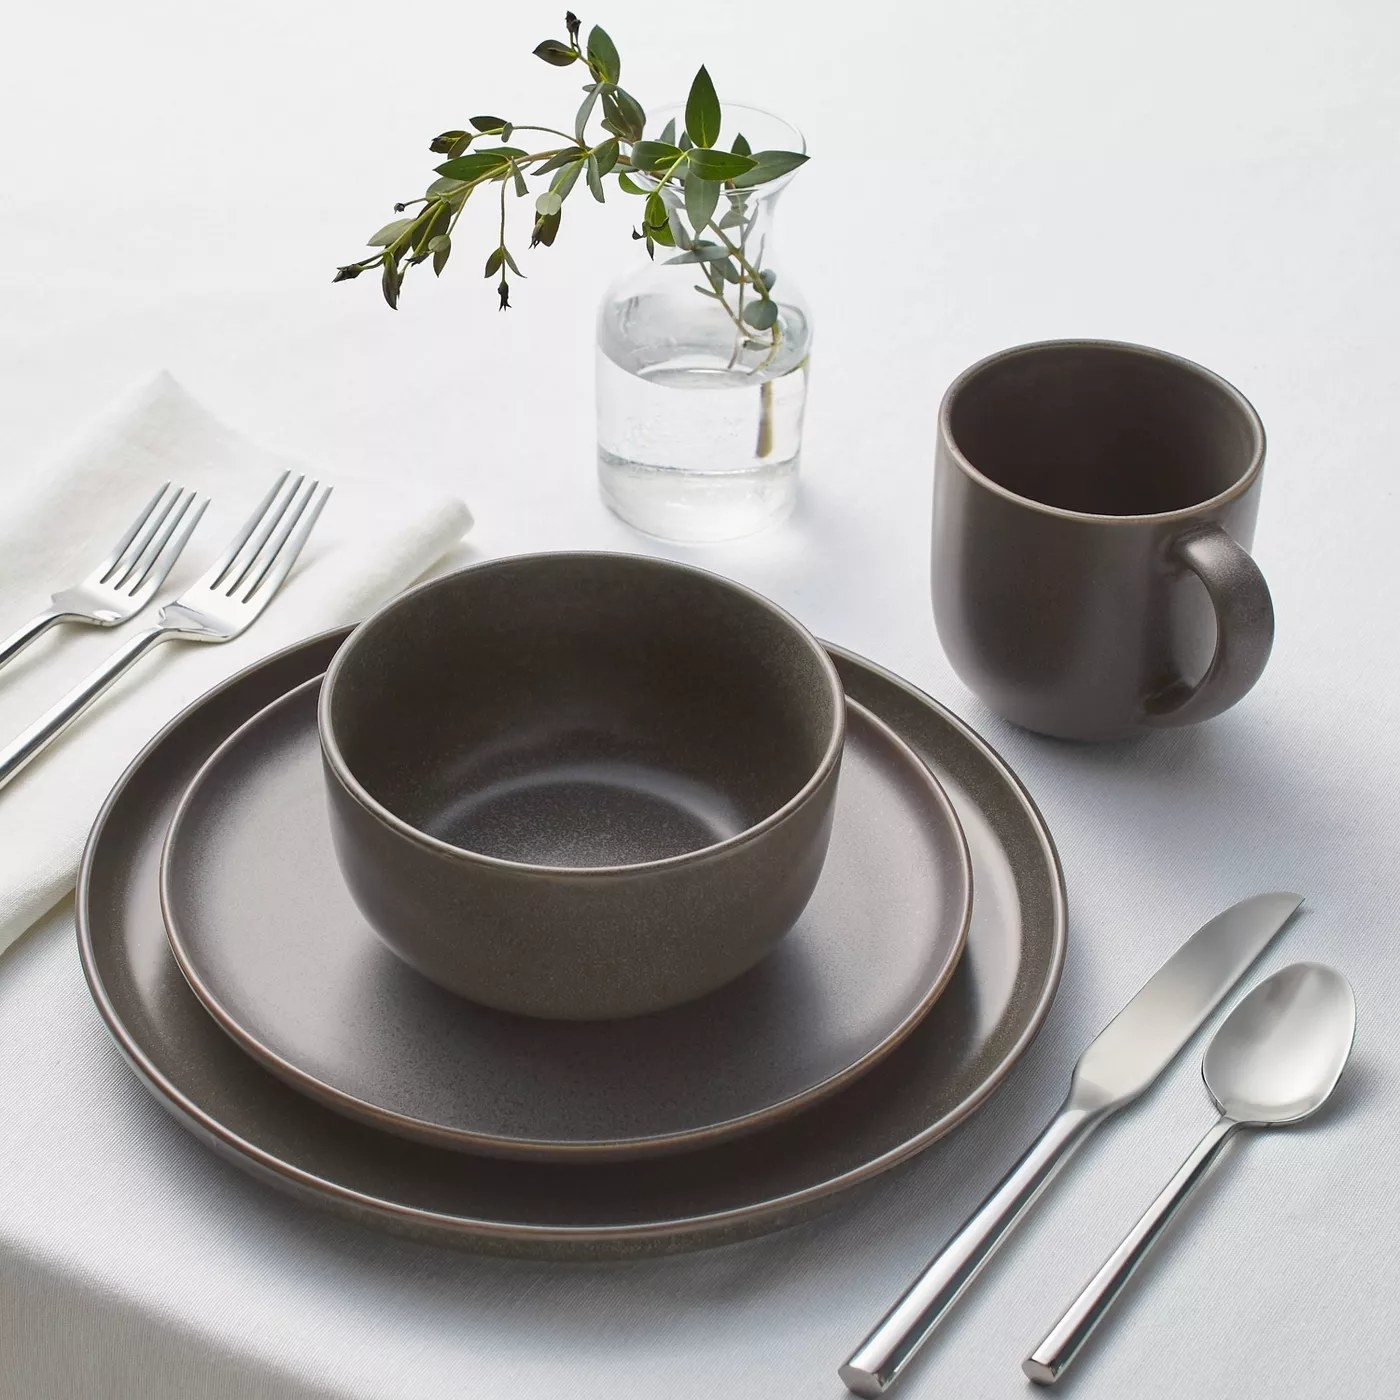 dinnerware set on kitchen table